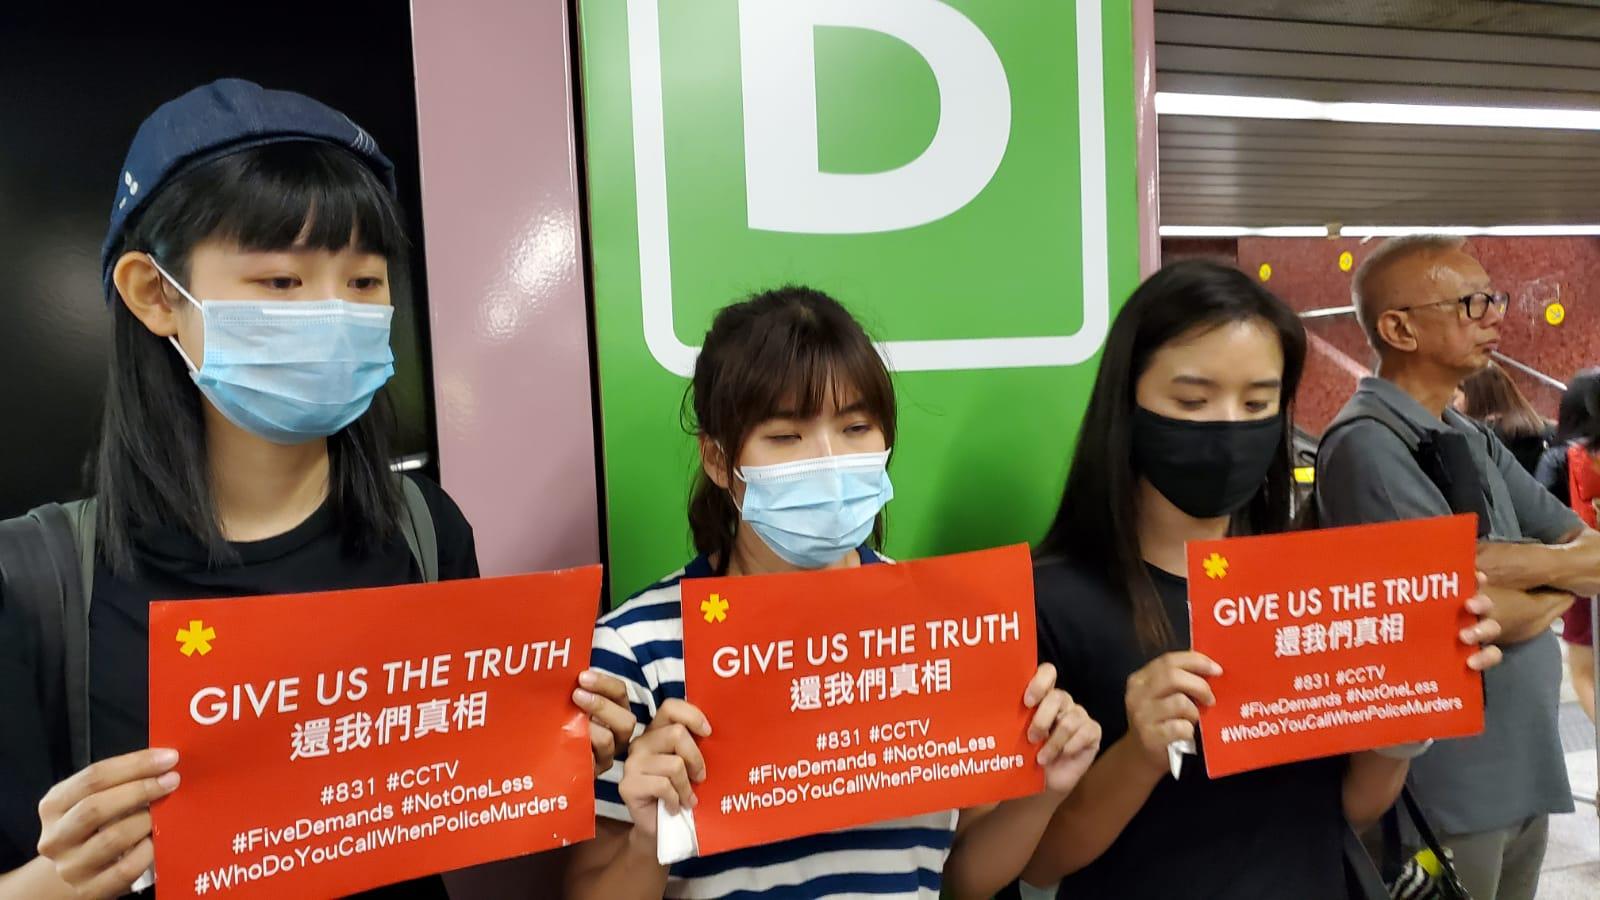 【修例风波】网传今删8.31天眼片 港铁指太子站片段保留3年